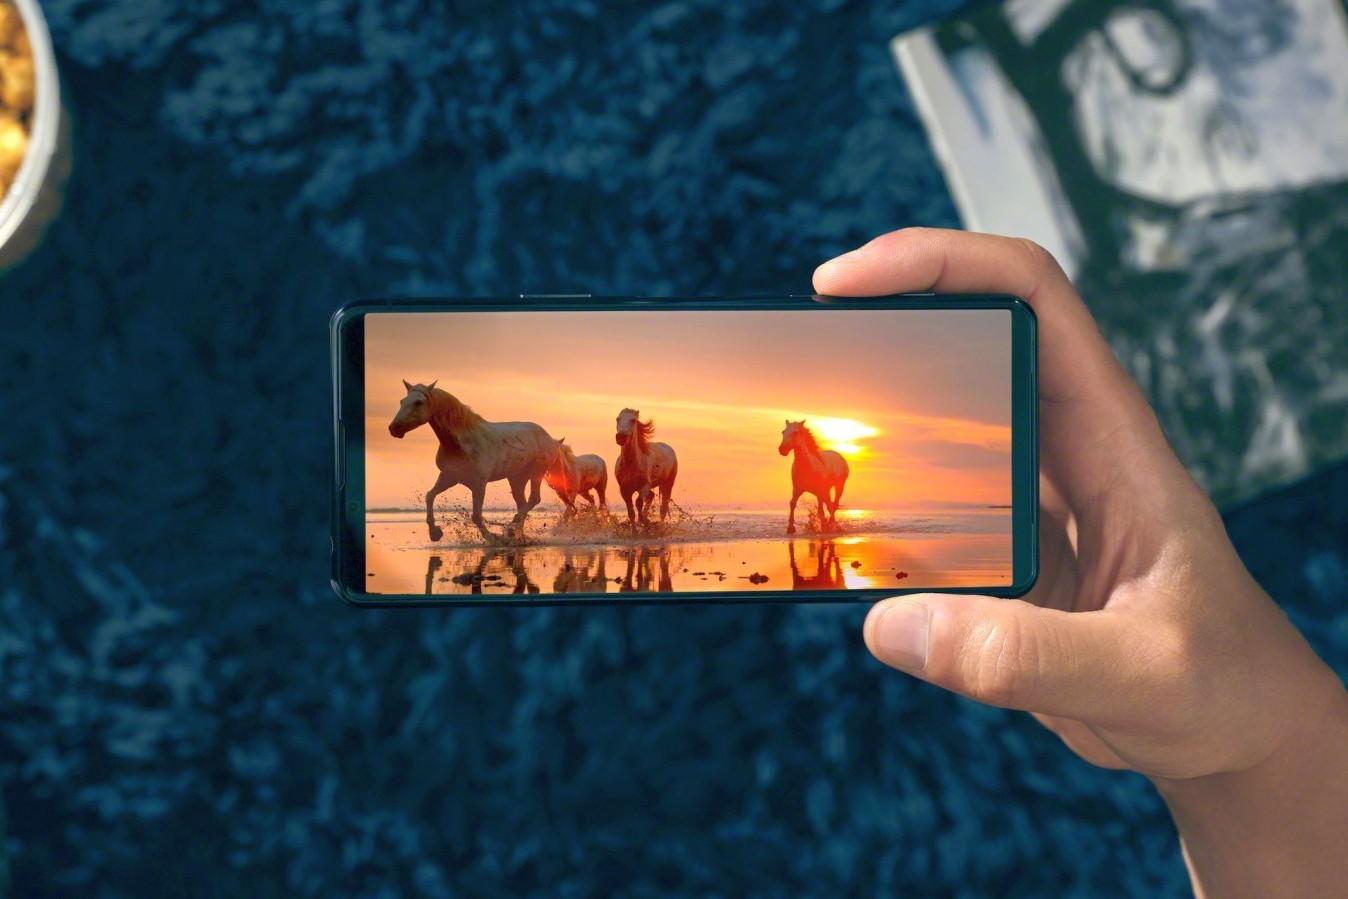 Sony Xperia 5 II ra mắt: màn hình 120Hz, Snapdragon 865, sẽ bán ở Việt Nam vào giữa tháng 11